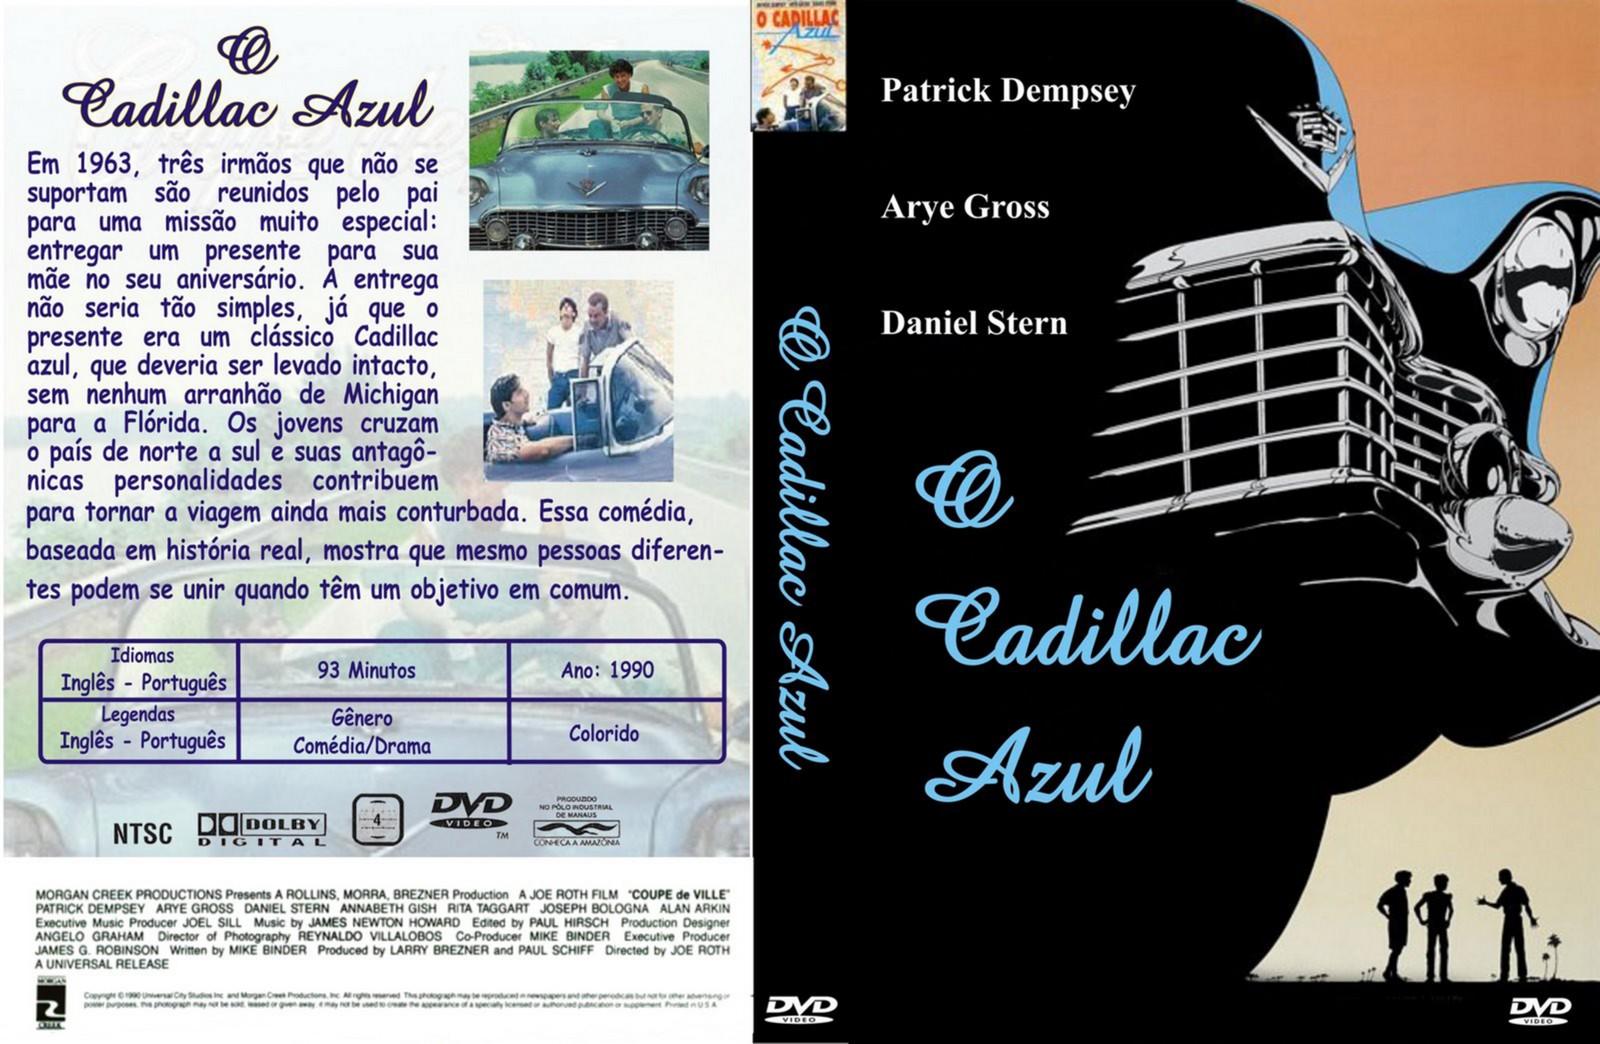 http://2.bp.blogspot.com/_WHxjd2HO-SQ/TESQkwdggpI/AAAAAAAAAuk/Wv1zbhZys04/s1600/O-Cadillac-Azul-custom.jpg